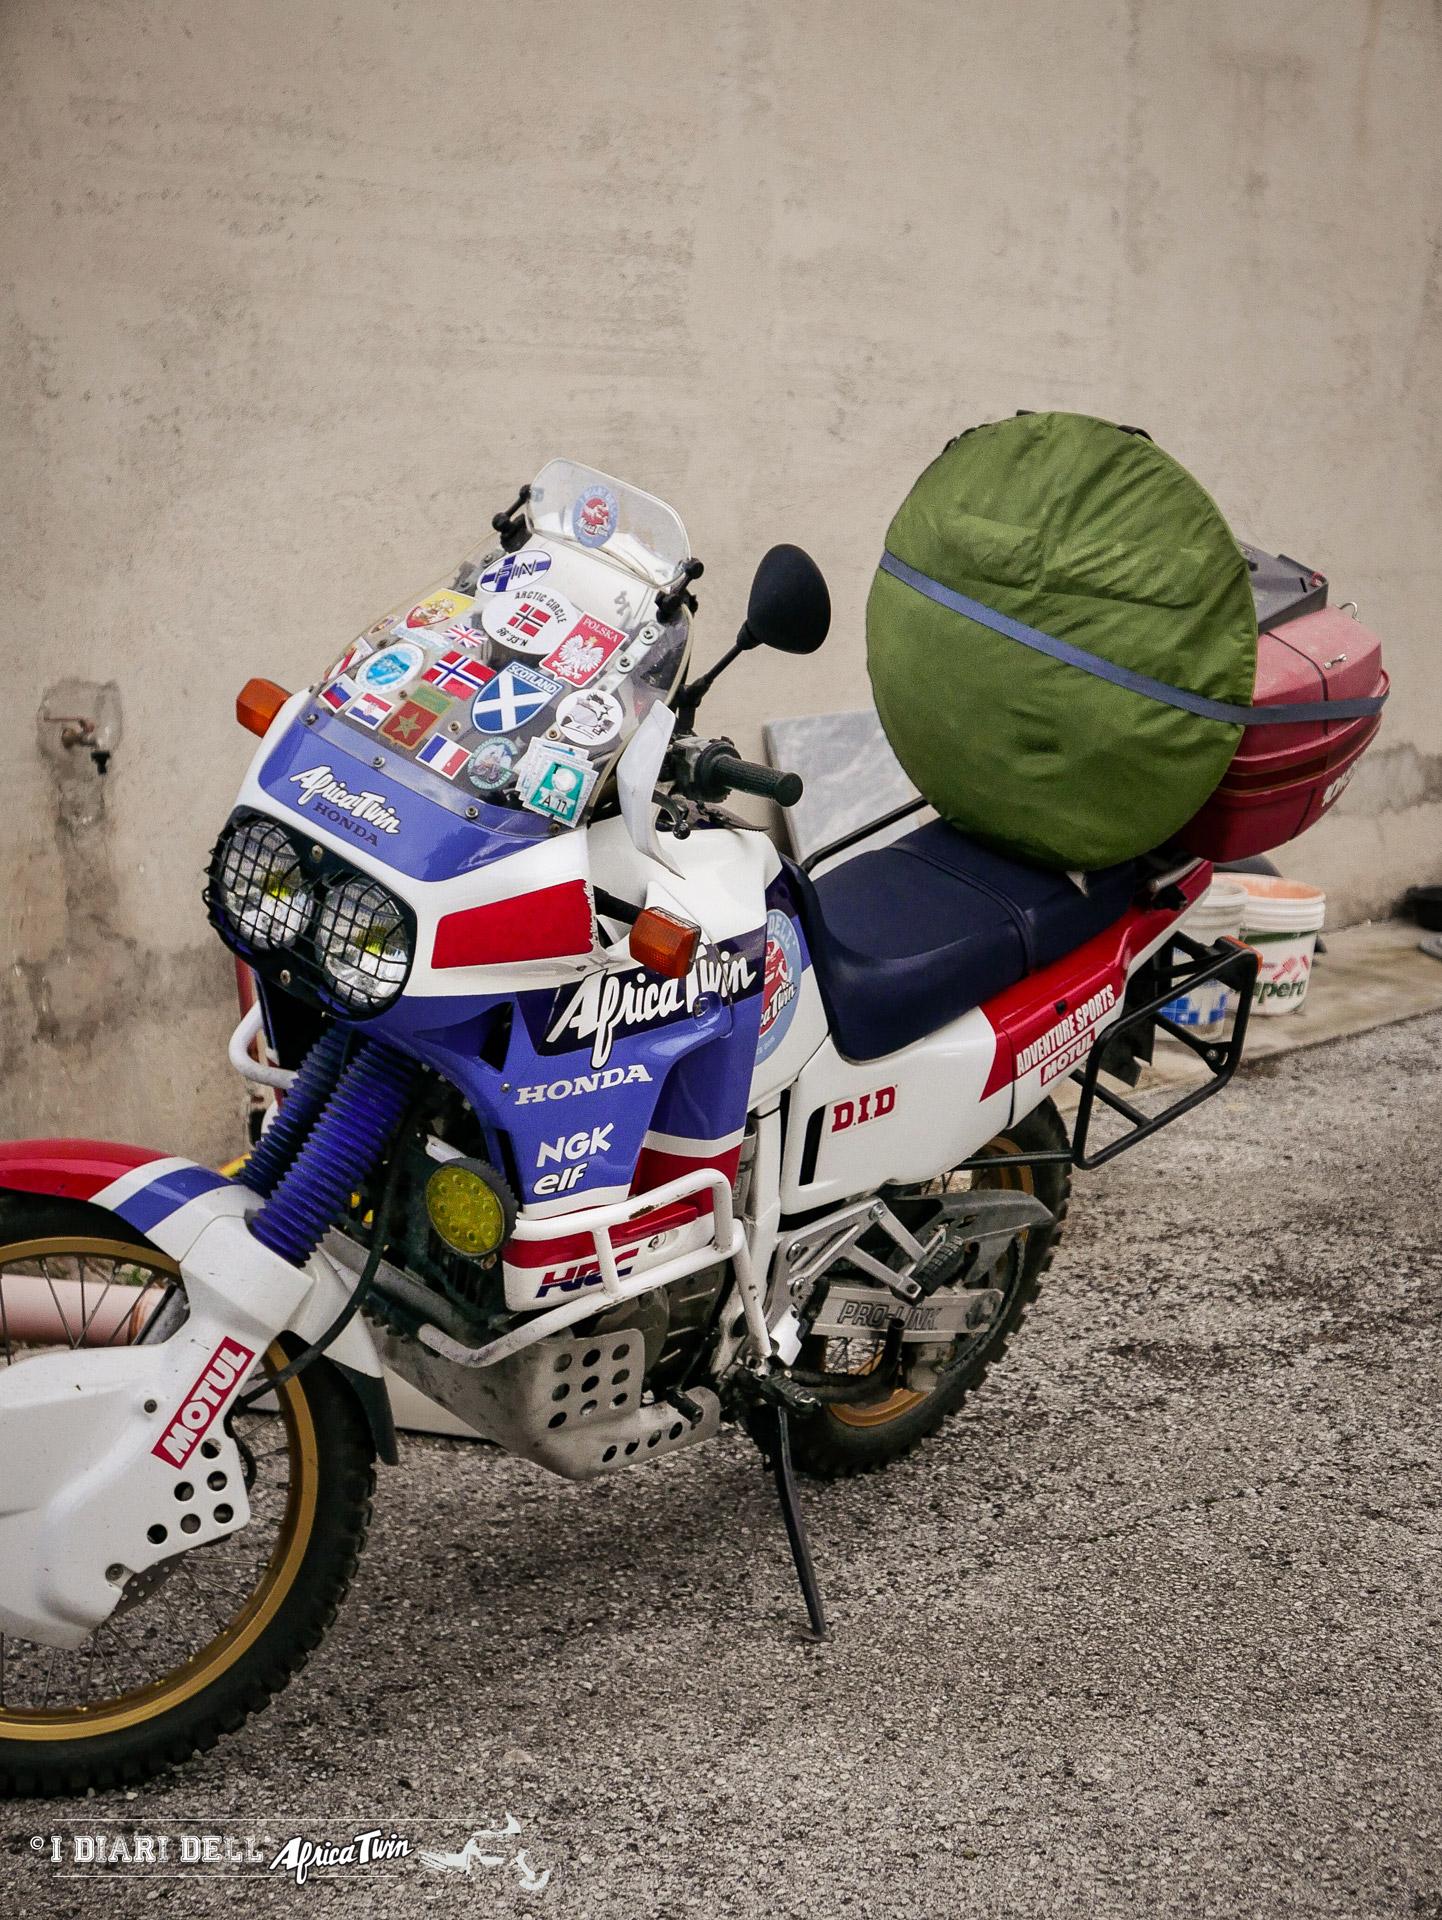 quechua 2 seconds come caricare sulla moto